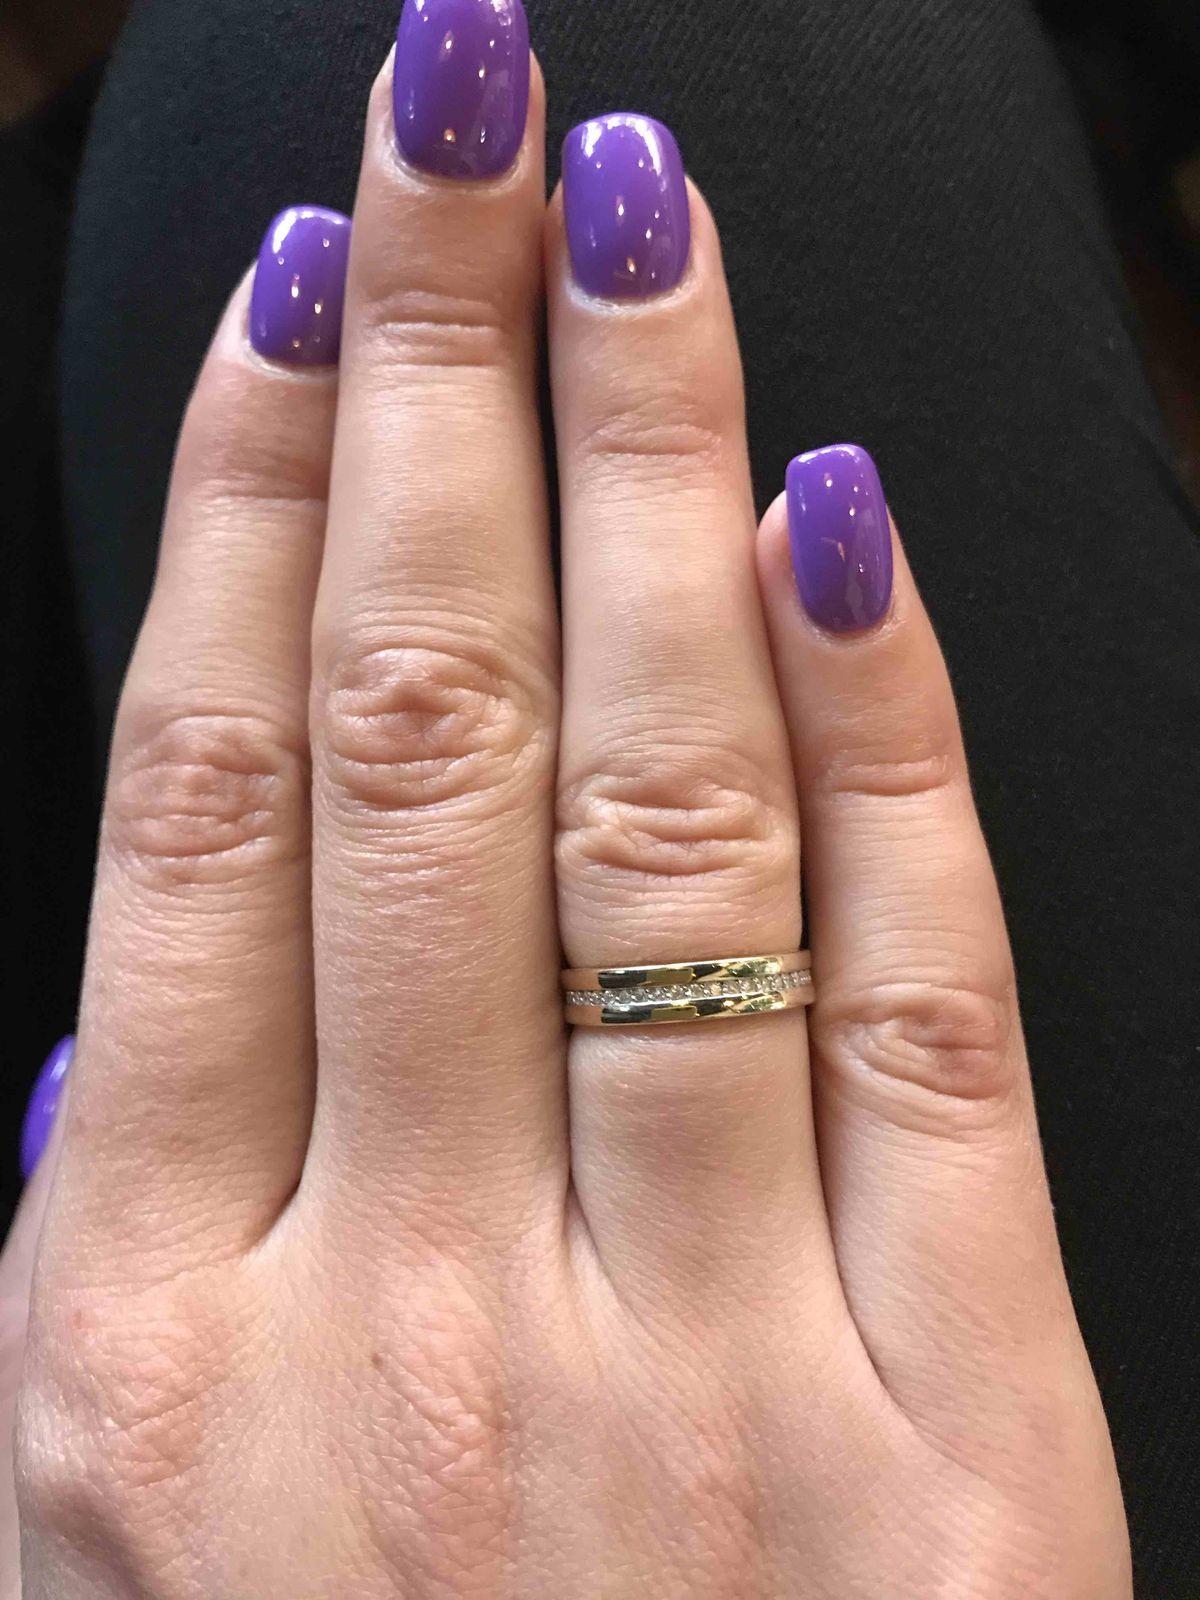 Красивое, элегантное кольцо, удобное и не ощущается на пальце